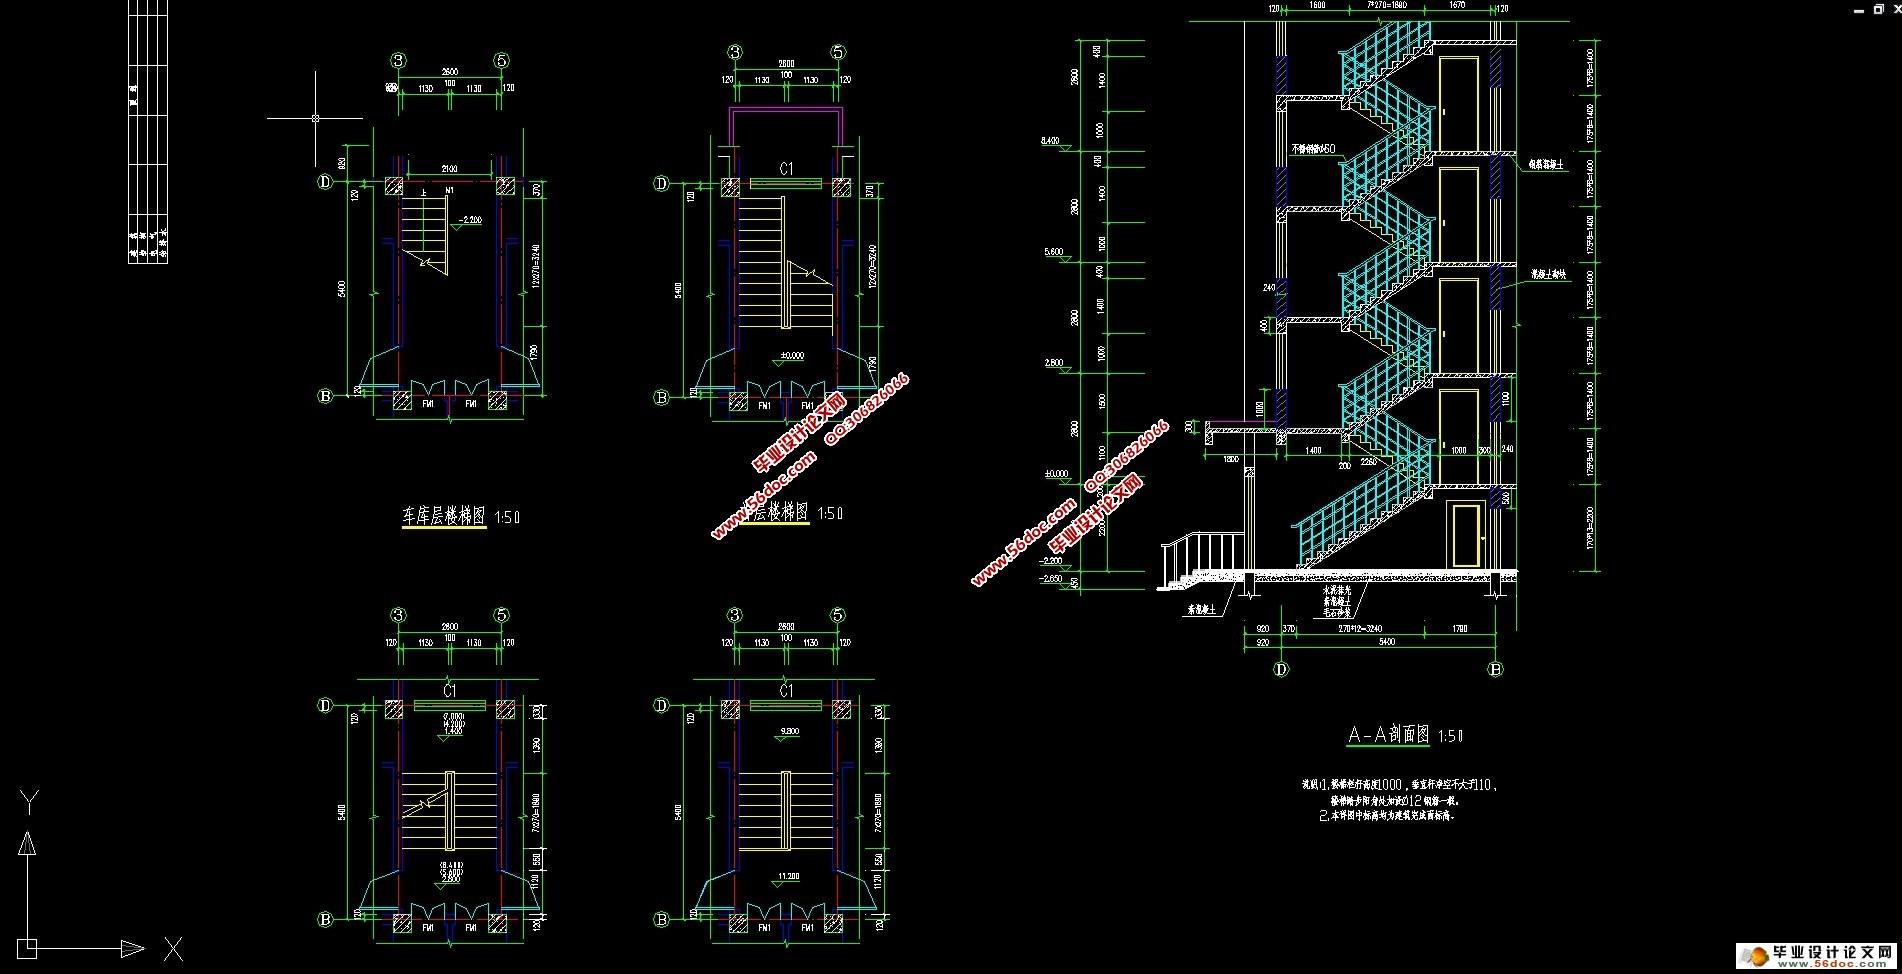 4   建筑设计    1   第2章 结构布置及计算简图    3   2.